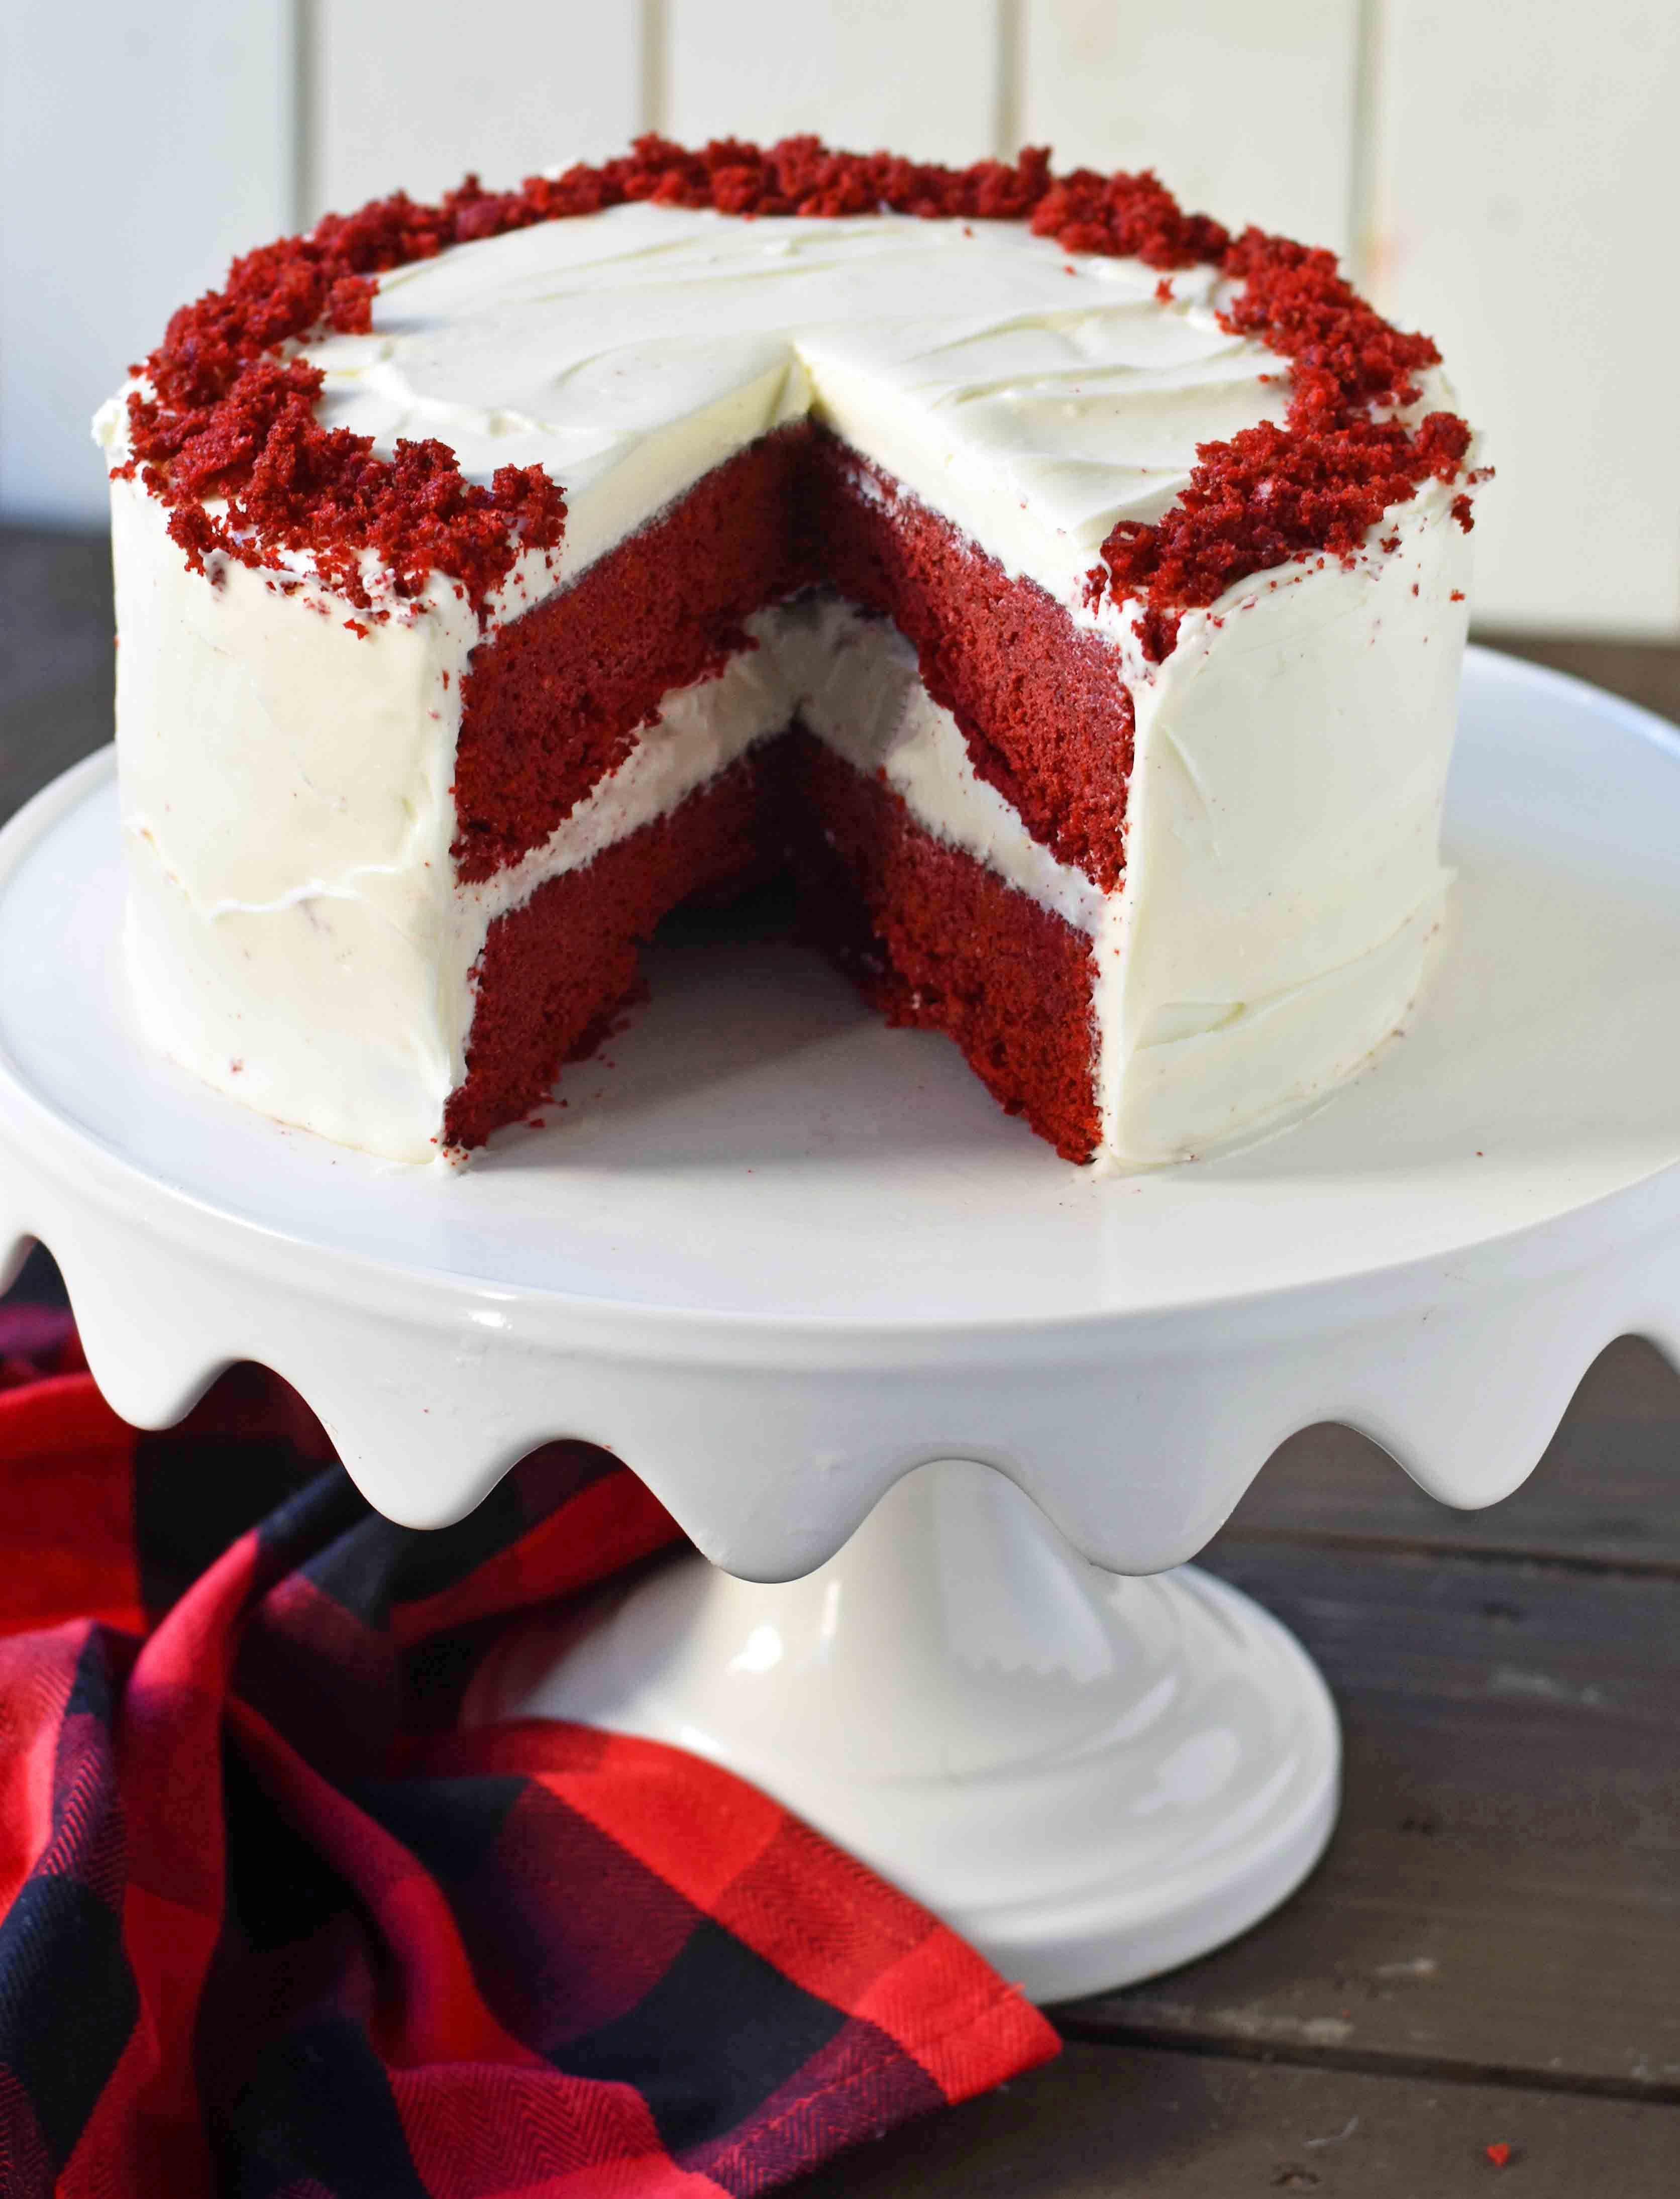 23 Inspiration Image Of Red Velvet Birthday Cake In 2020 Velvet Cake Recipes Red Velvet Cake Recipe Homemade Red Velvet Cake